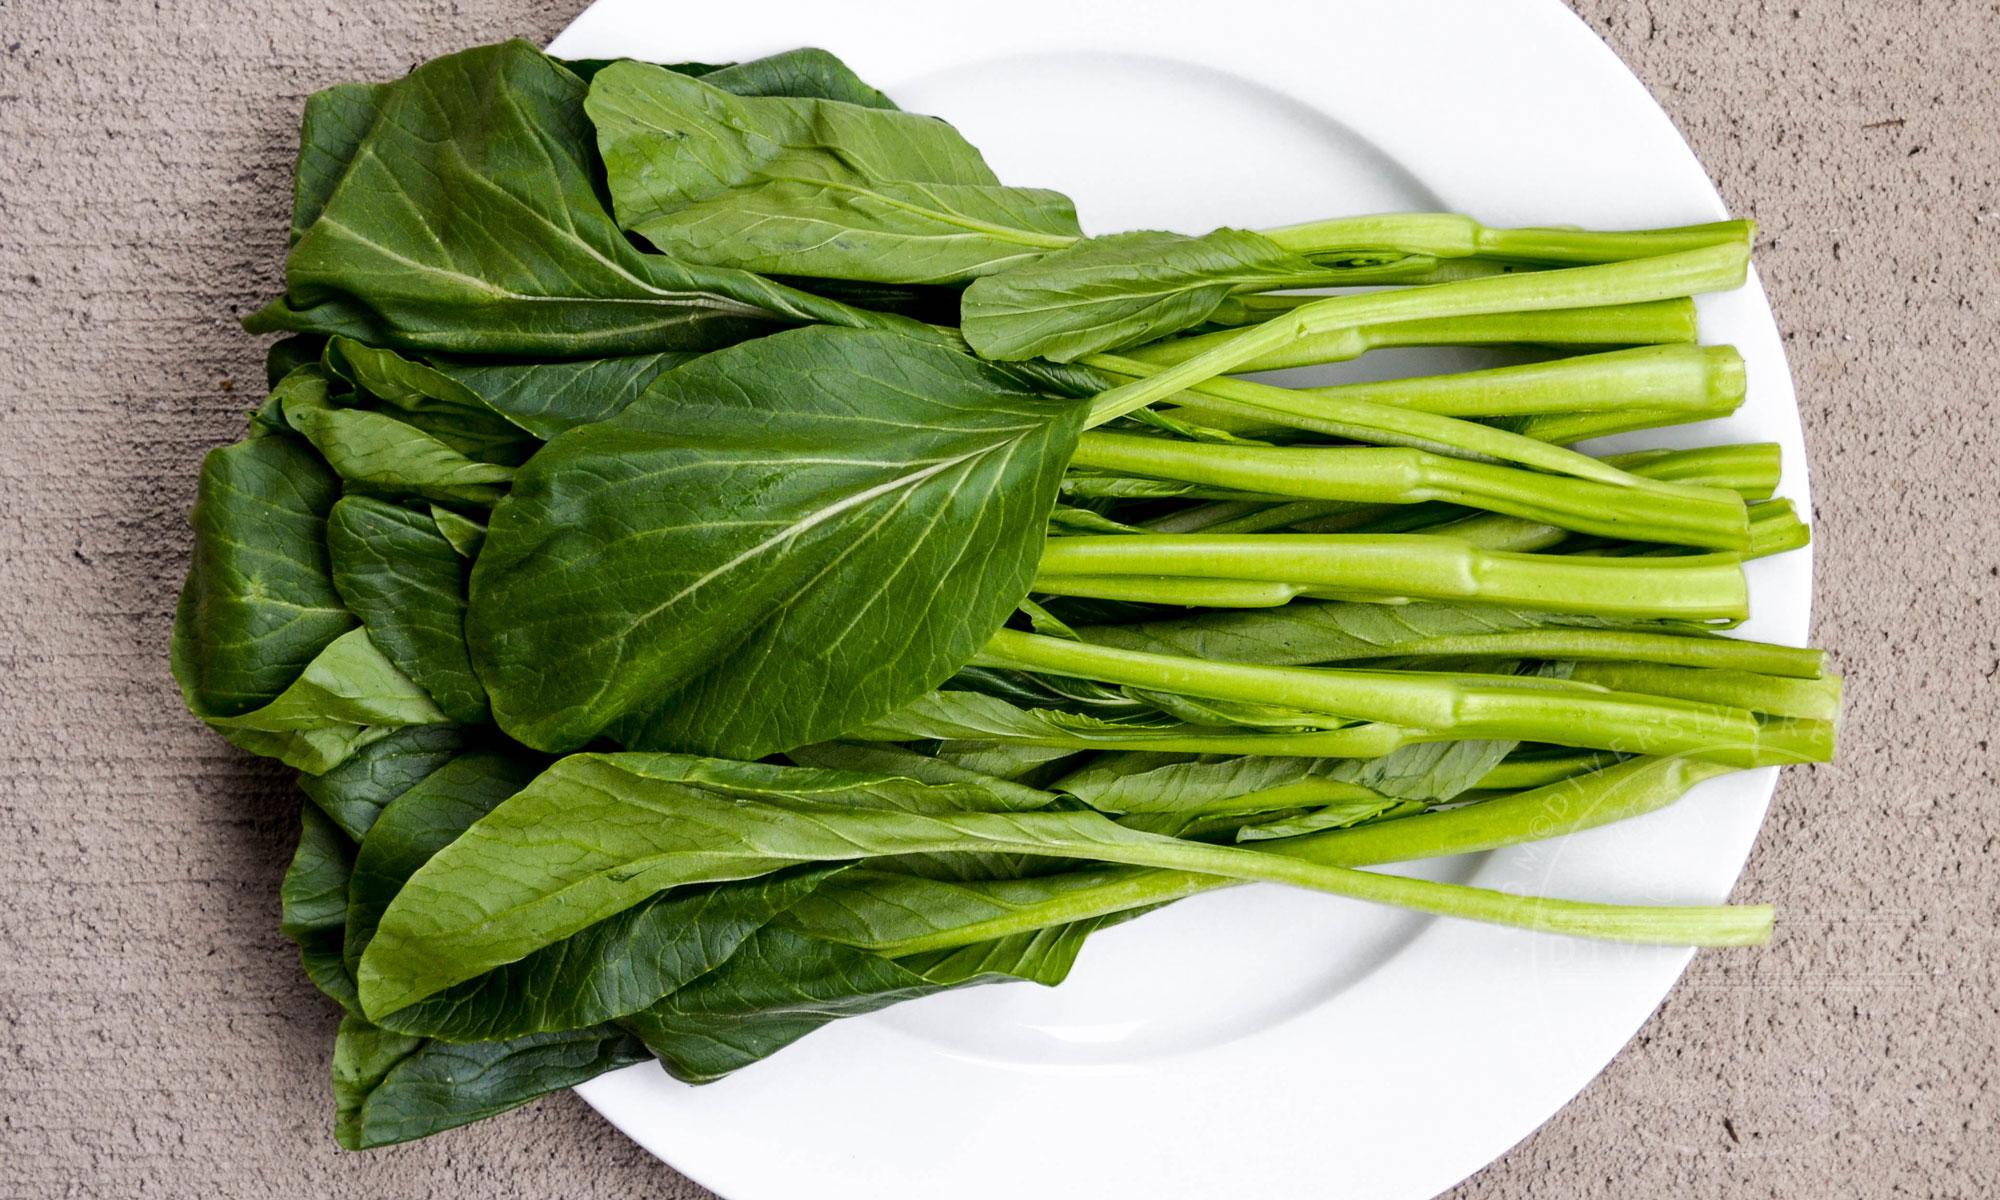 Choy Sum (Yu Choy) stems on a white plate - Diversivore.com